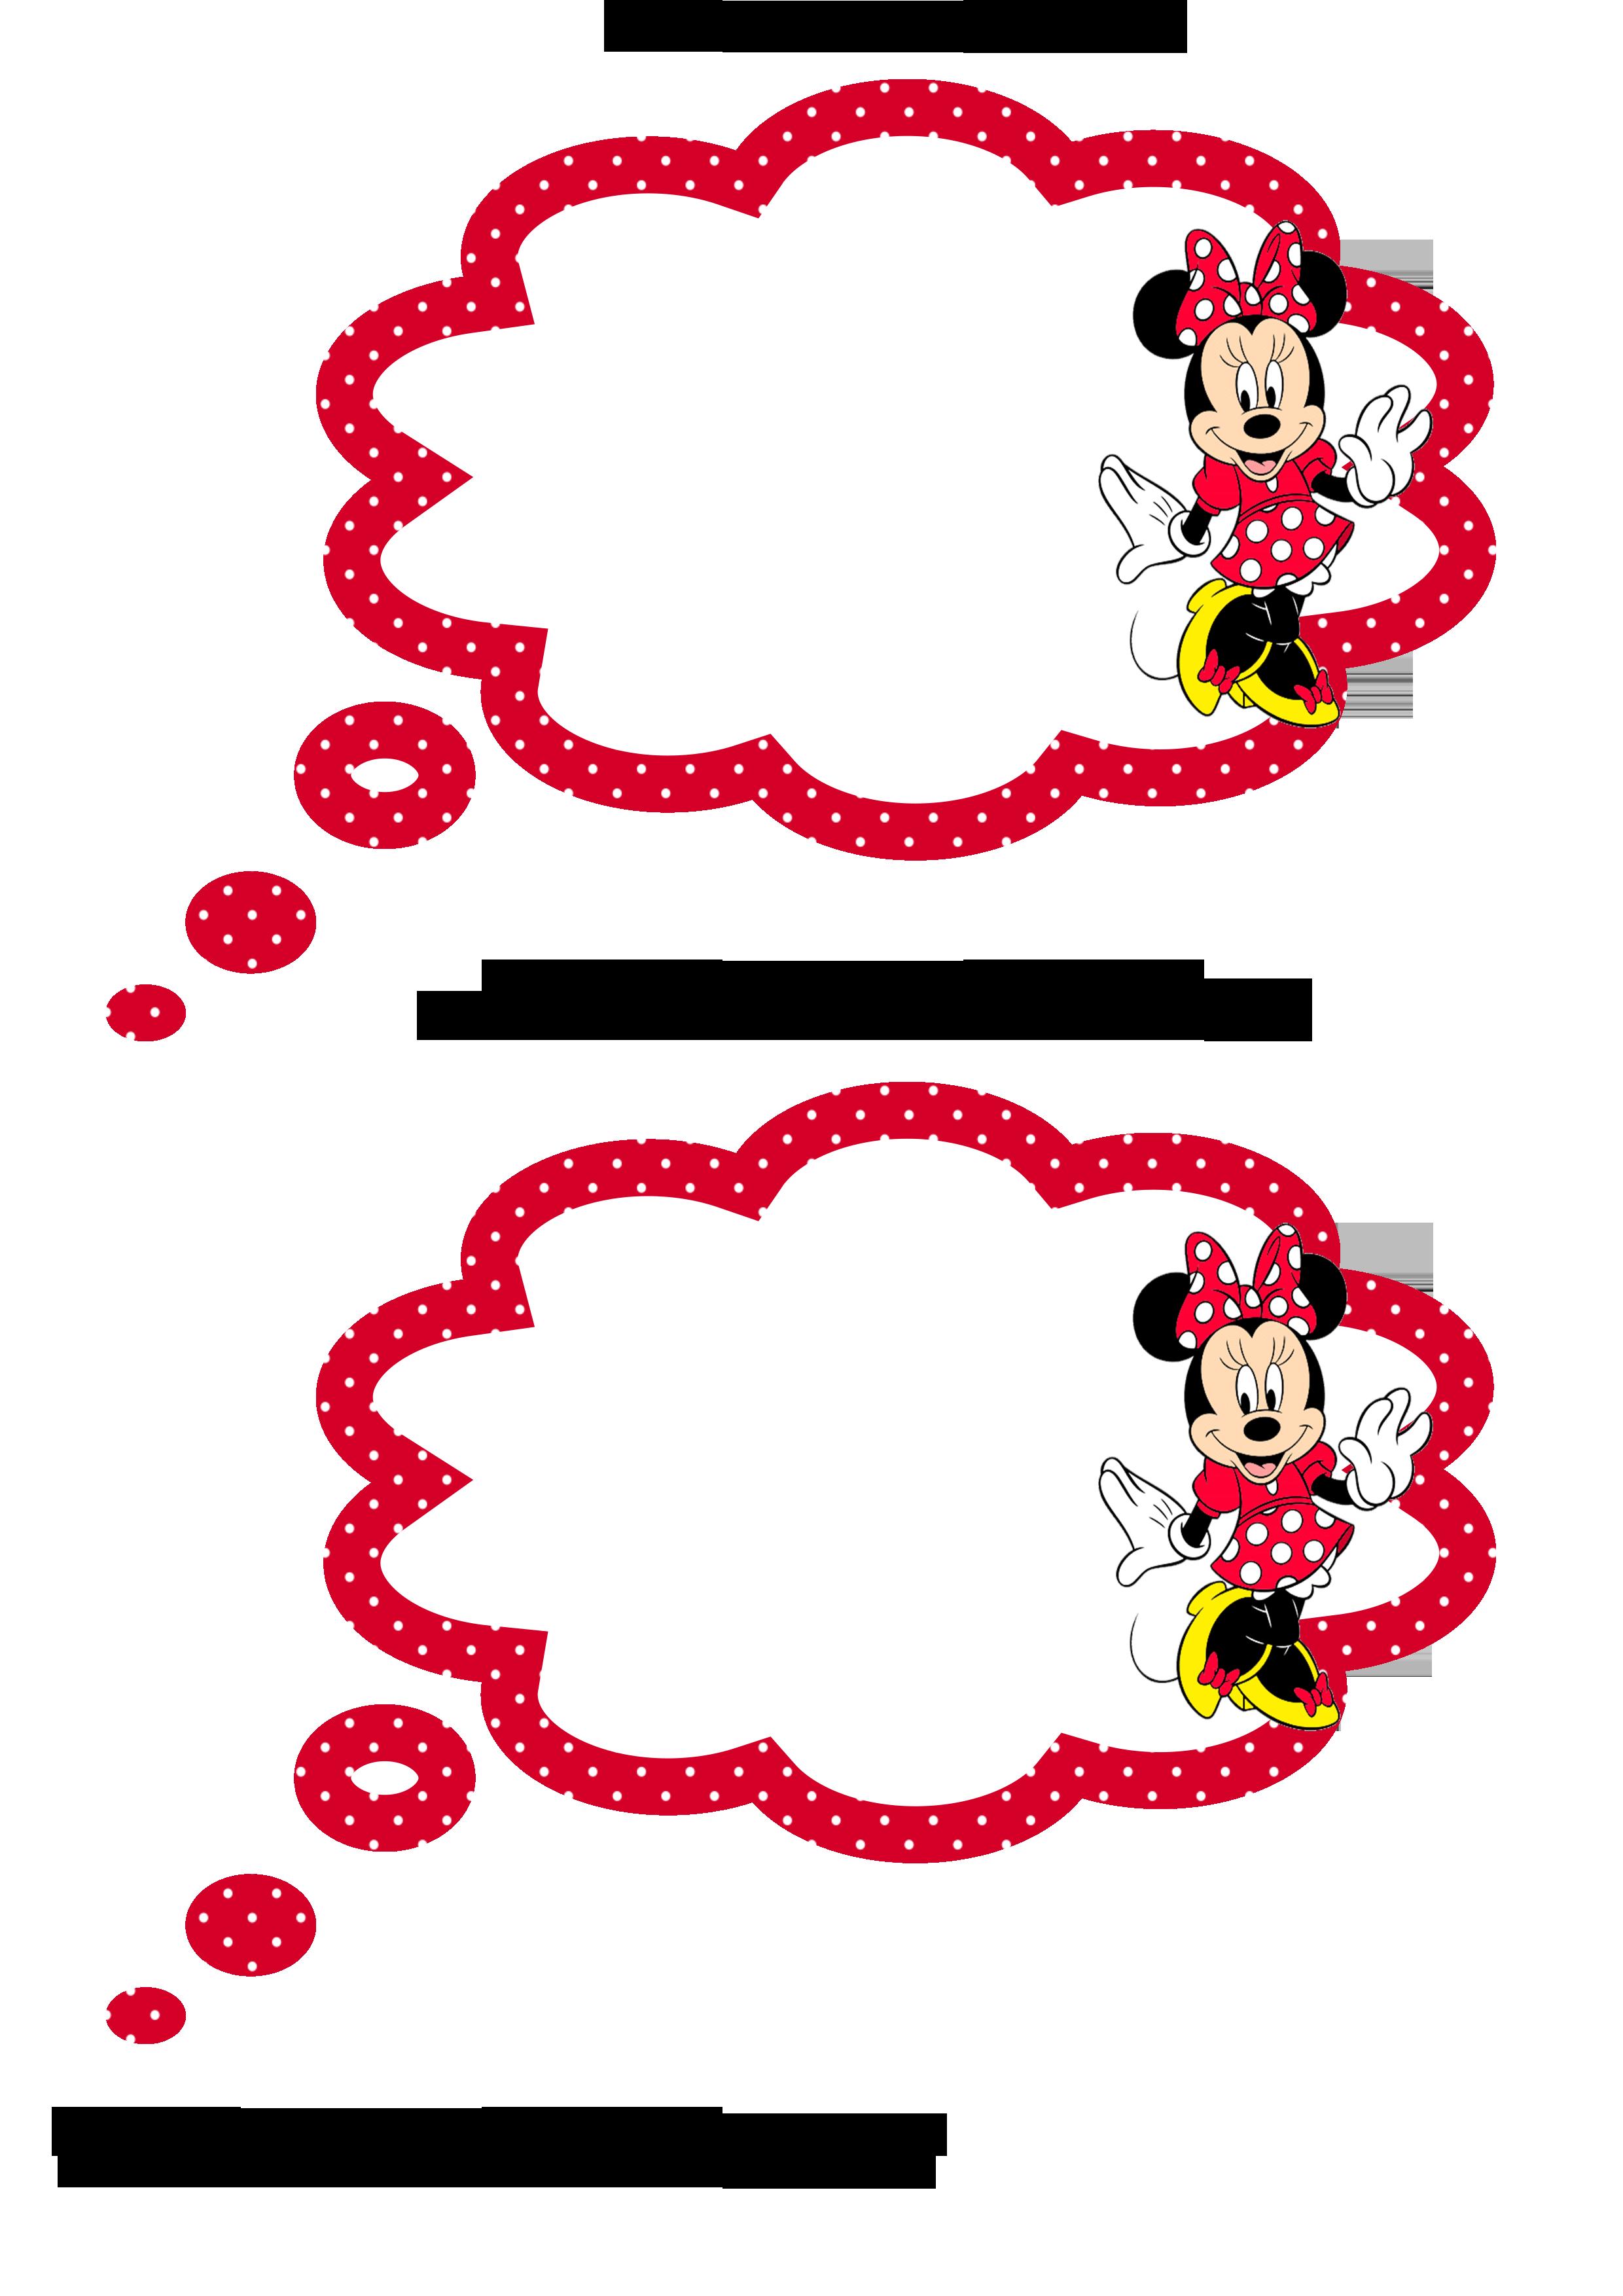 Plaquinhas Divertidas Para Fotos Da Minnie Vermelha Minnie